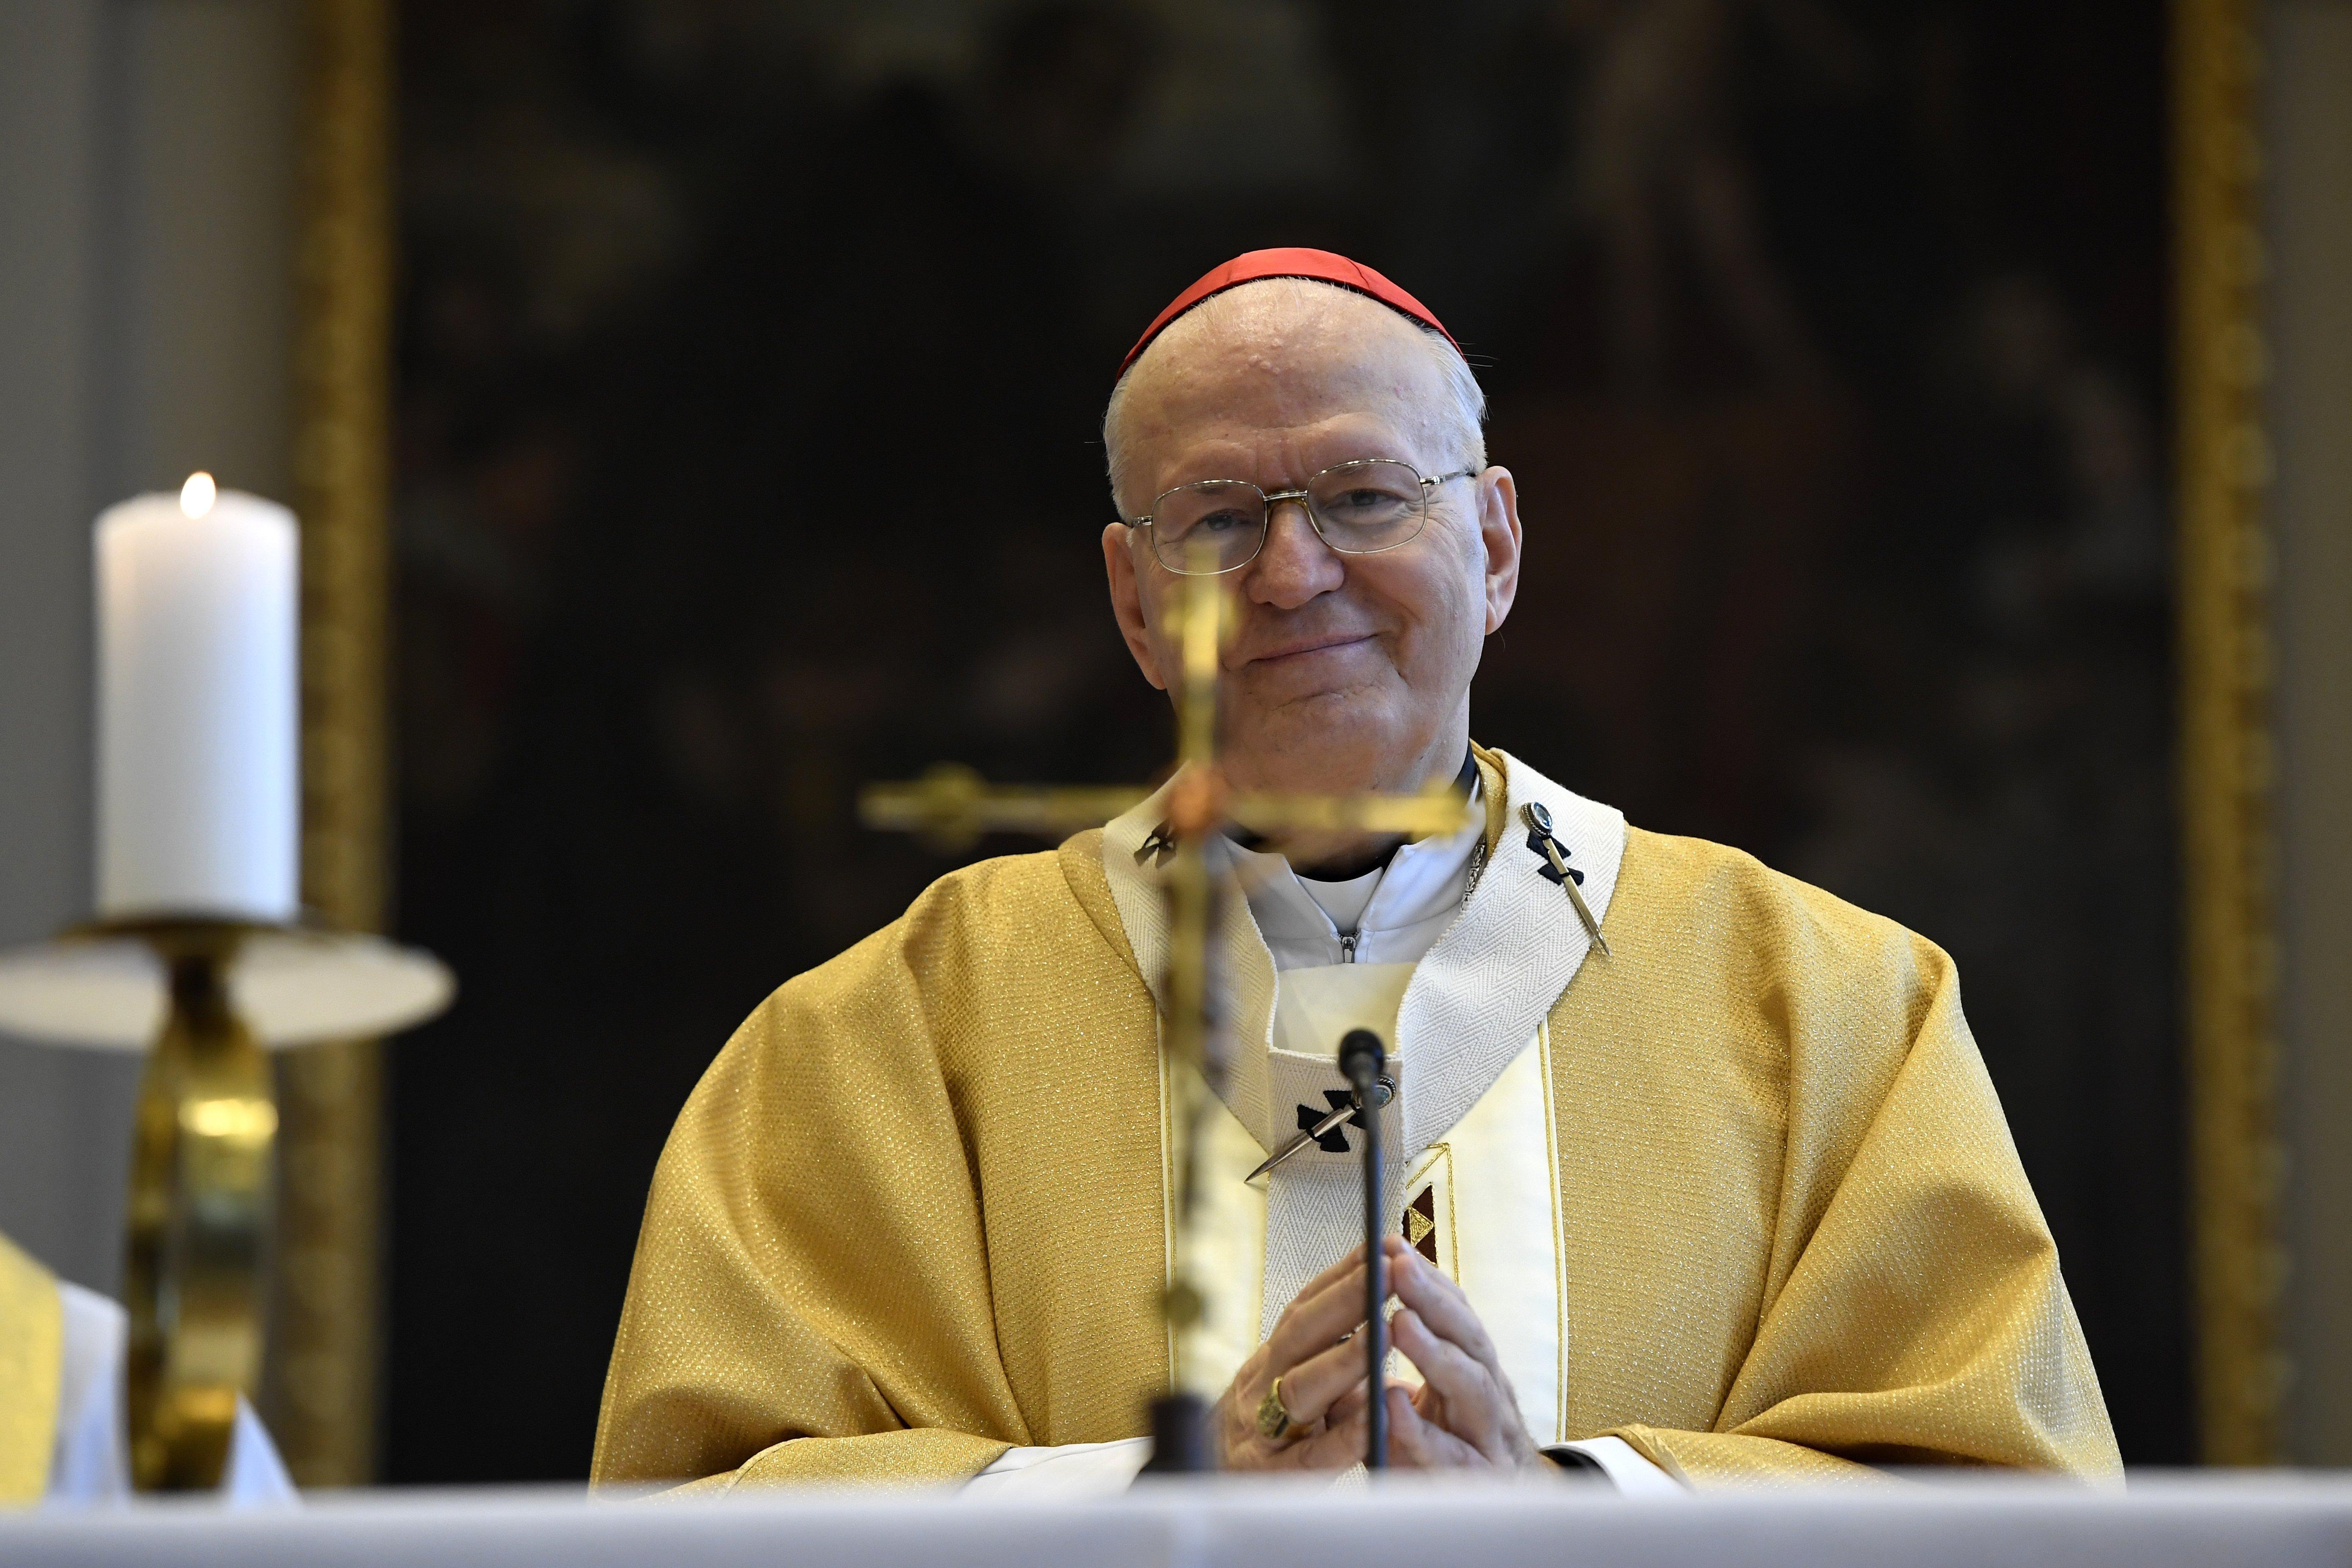 Erdő Péter azt mondta, nekik nincs szükségük egy új, nagy, budapesti templomra